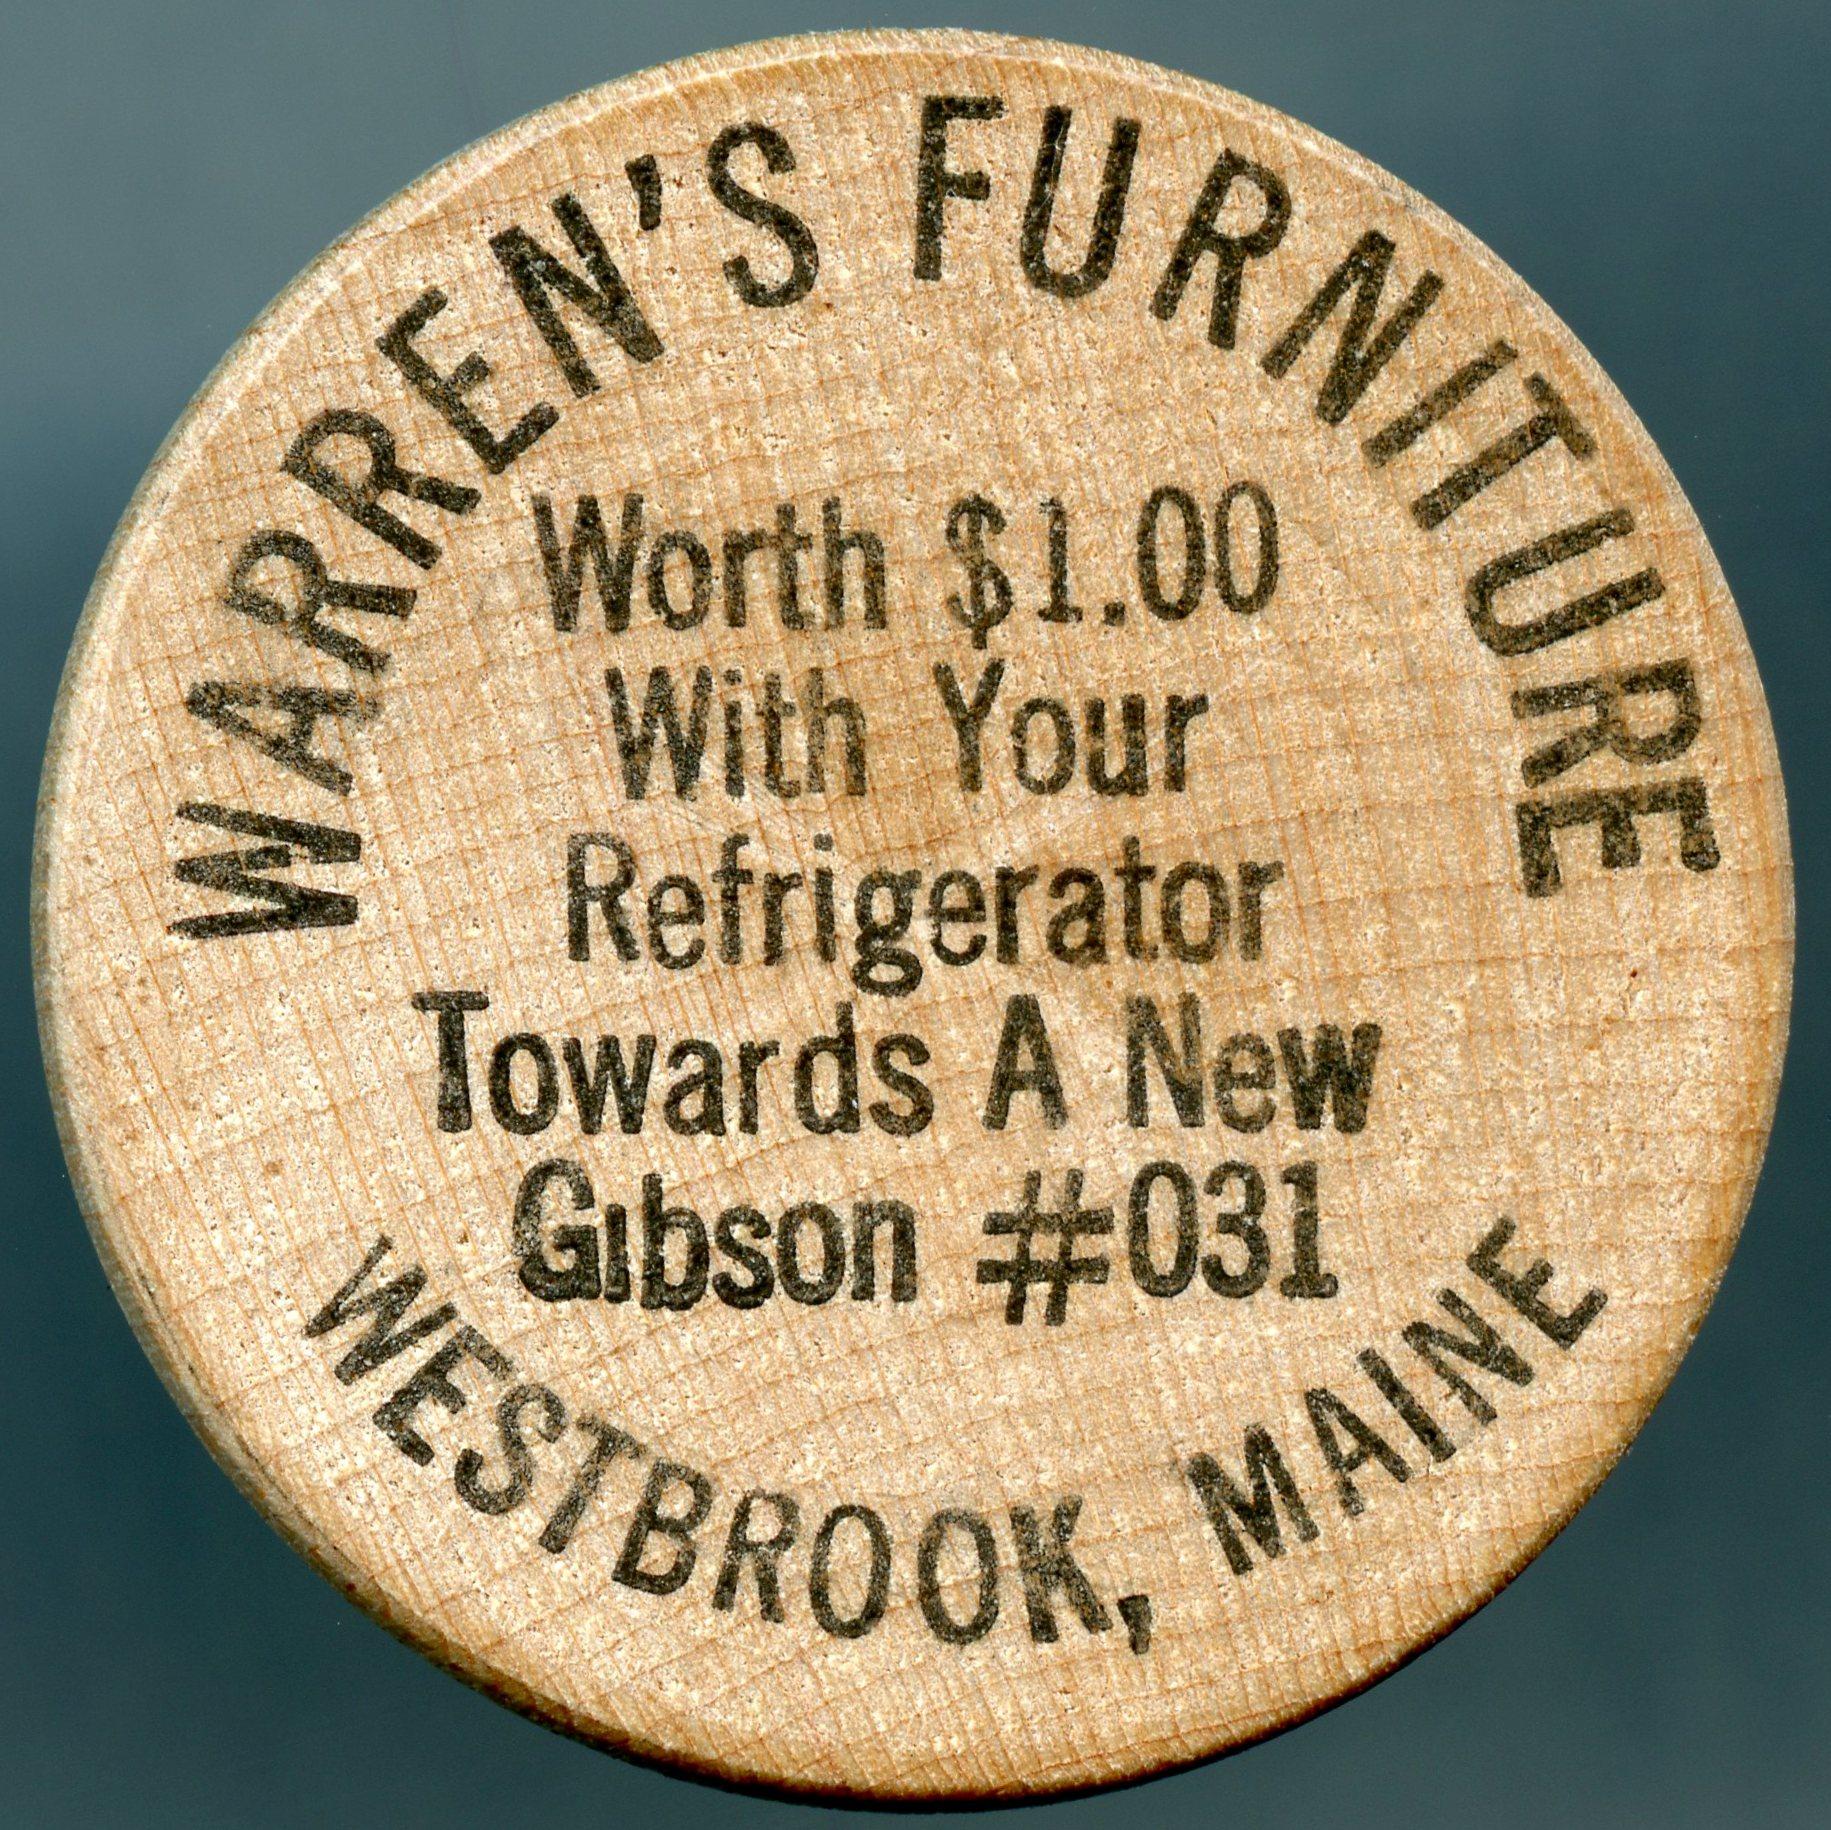 Wooden Nickel Warren S Furniture Westbrook Maine